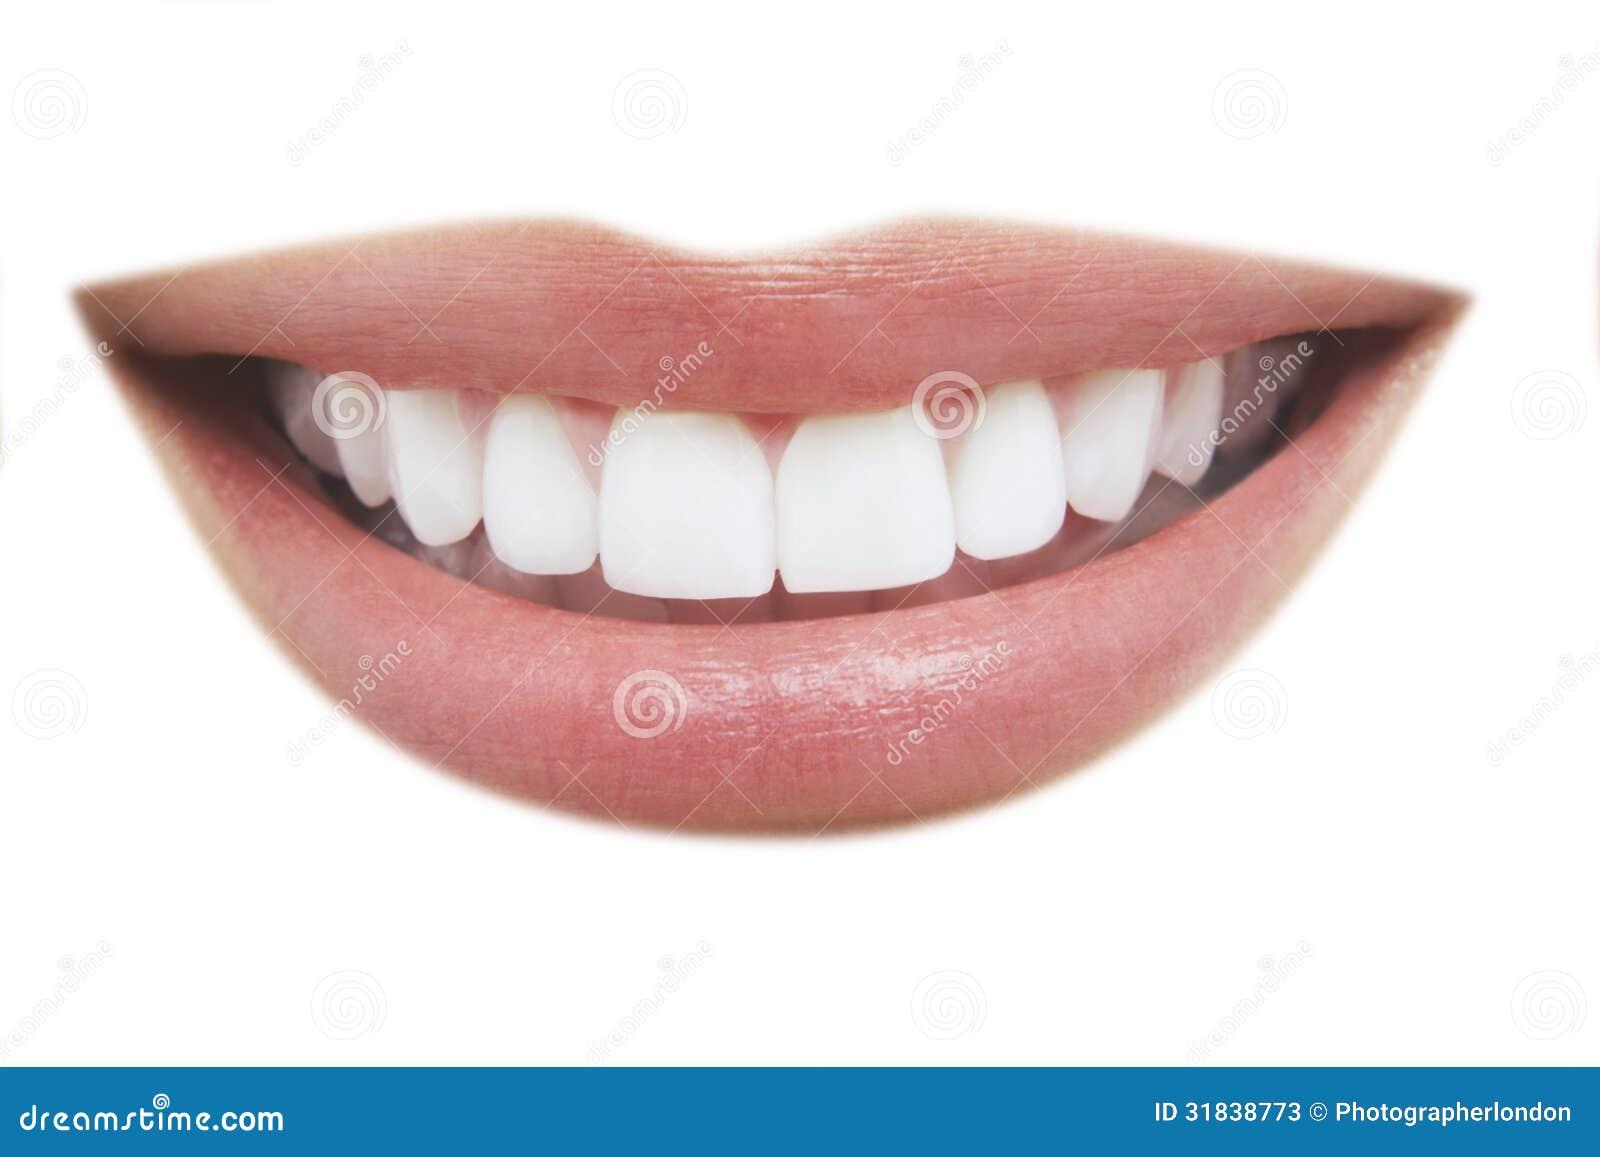 Как в фотошопе сделать светлее зуб